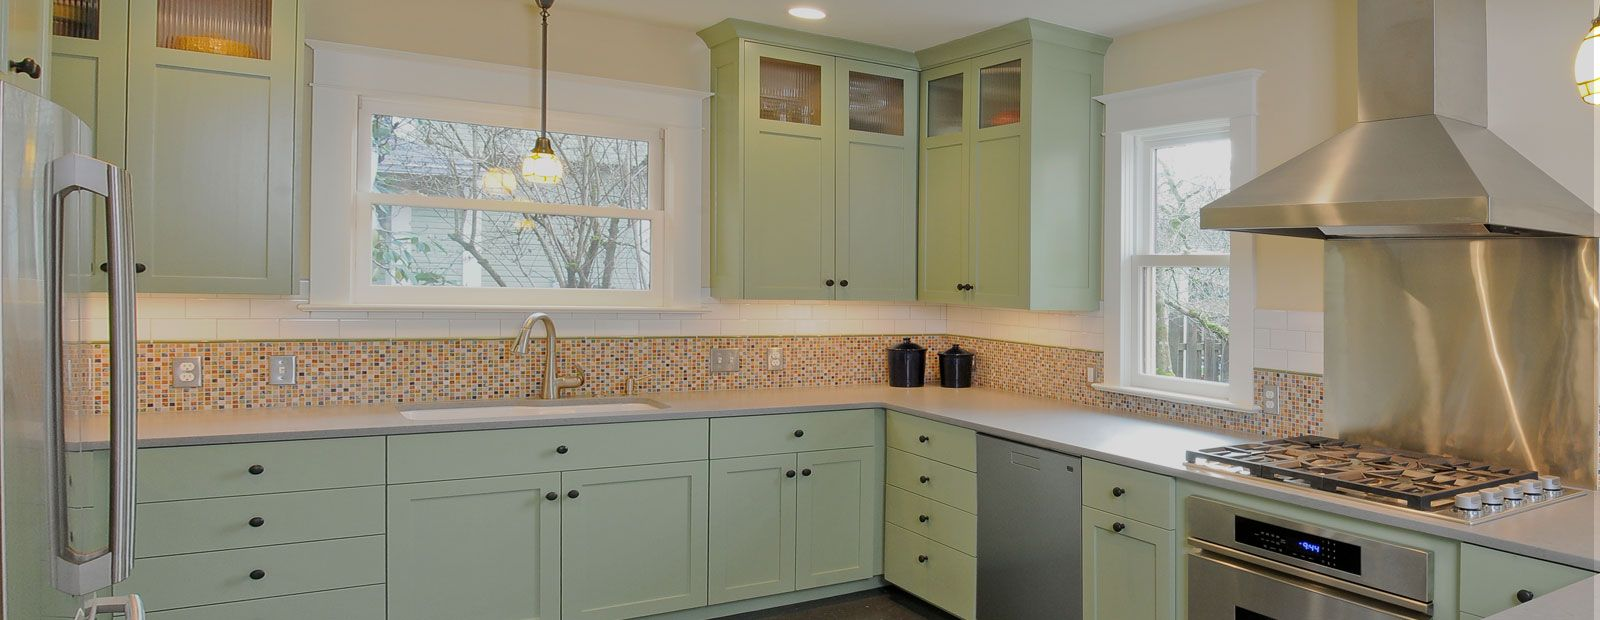 kitchencountertops.jpg Granite countertops kitchen